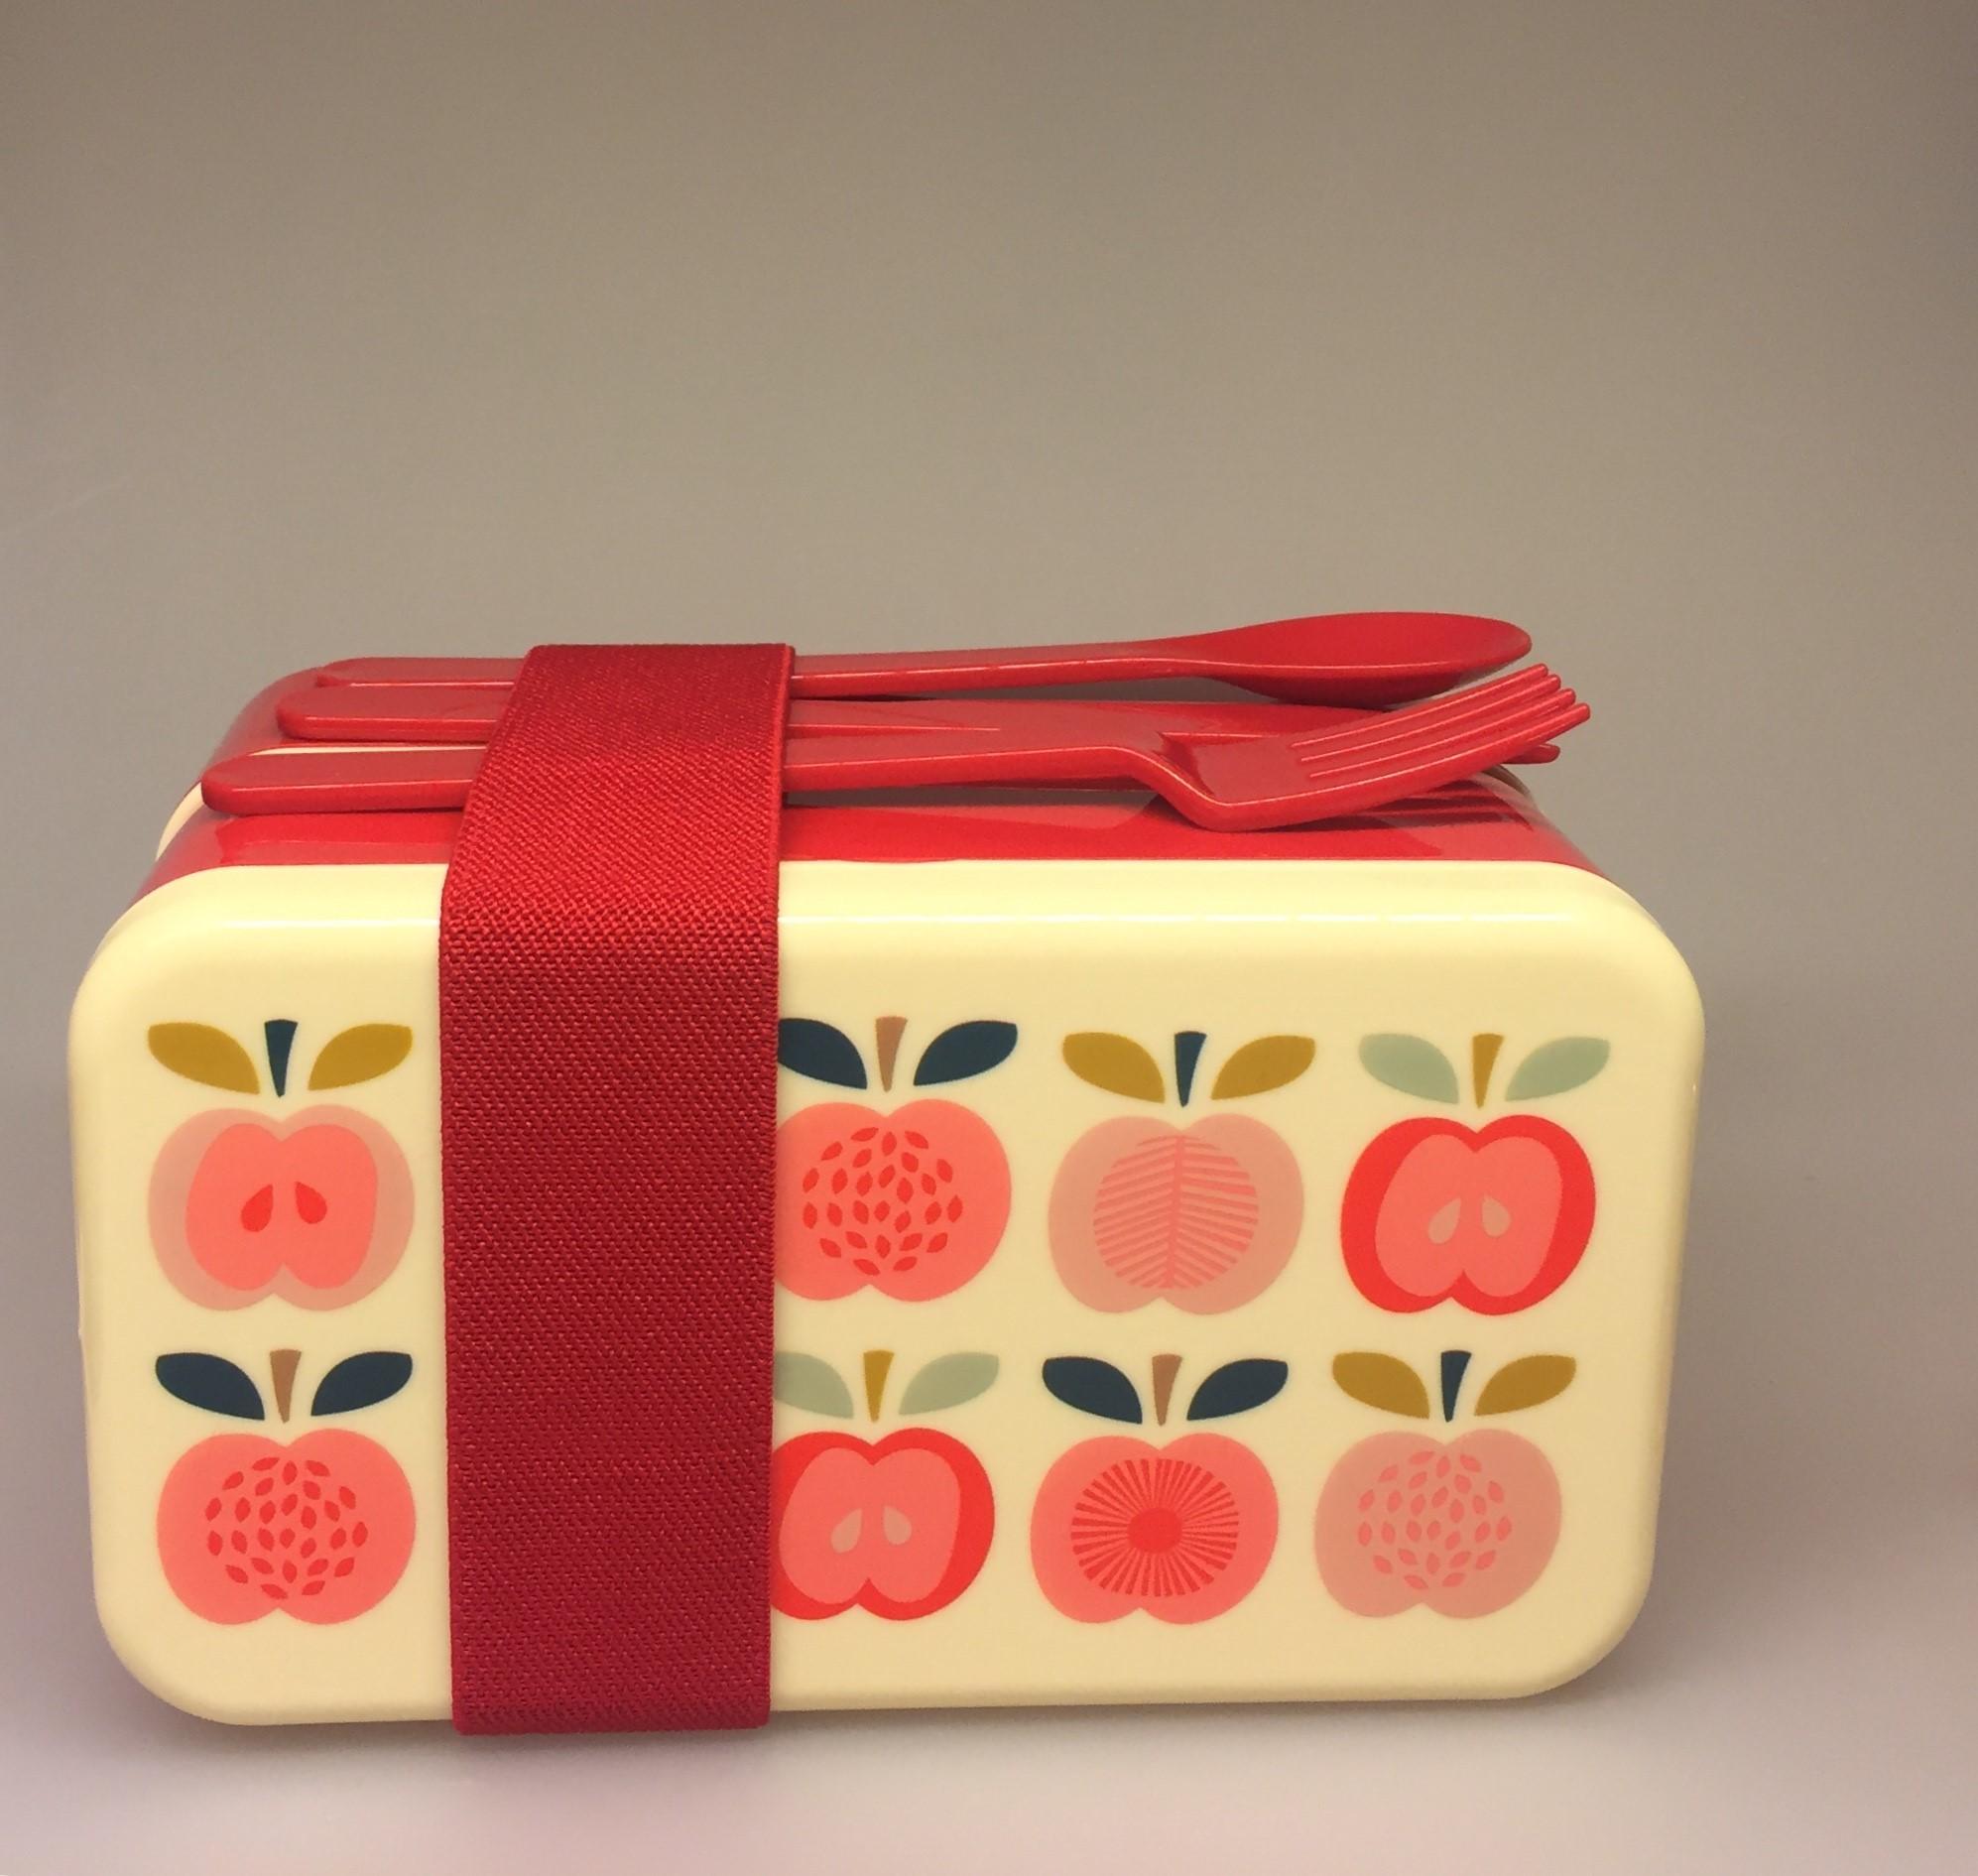 Madkasse - Dobbelt med bestik Røde Æbler , madkasse, flere rum, inddeling, bestik, sød, lækker, fin, flot, skole, børnehave, arbejde, job, picnic, madkurv, skovtur, rester, fra aftensmaden, varm mad, med, snacks, eftermiddags, mellemmåltid, frugt, salat, biti, vintage, apple, æbler, æblemotiv, ribe,